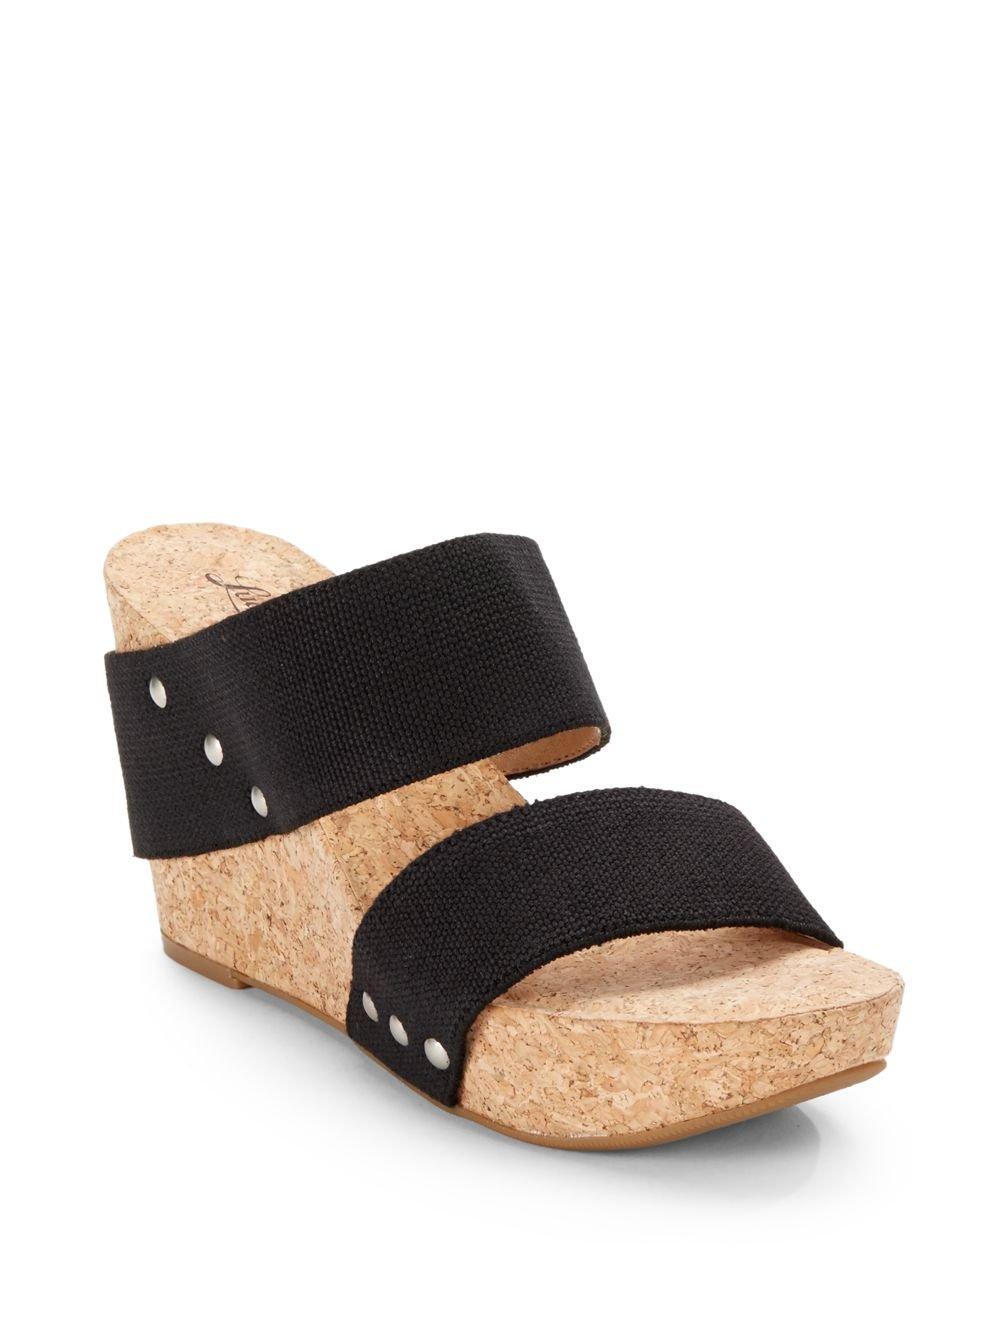 d84f5de7da1 Lucky Brand Silvertone Magnolia2 Woven Strap Cork Wedge Sandals in ...